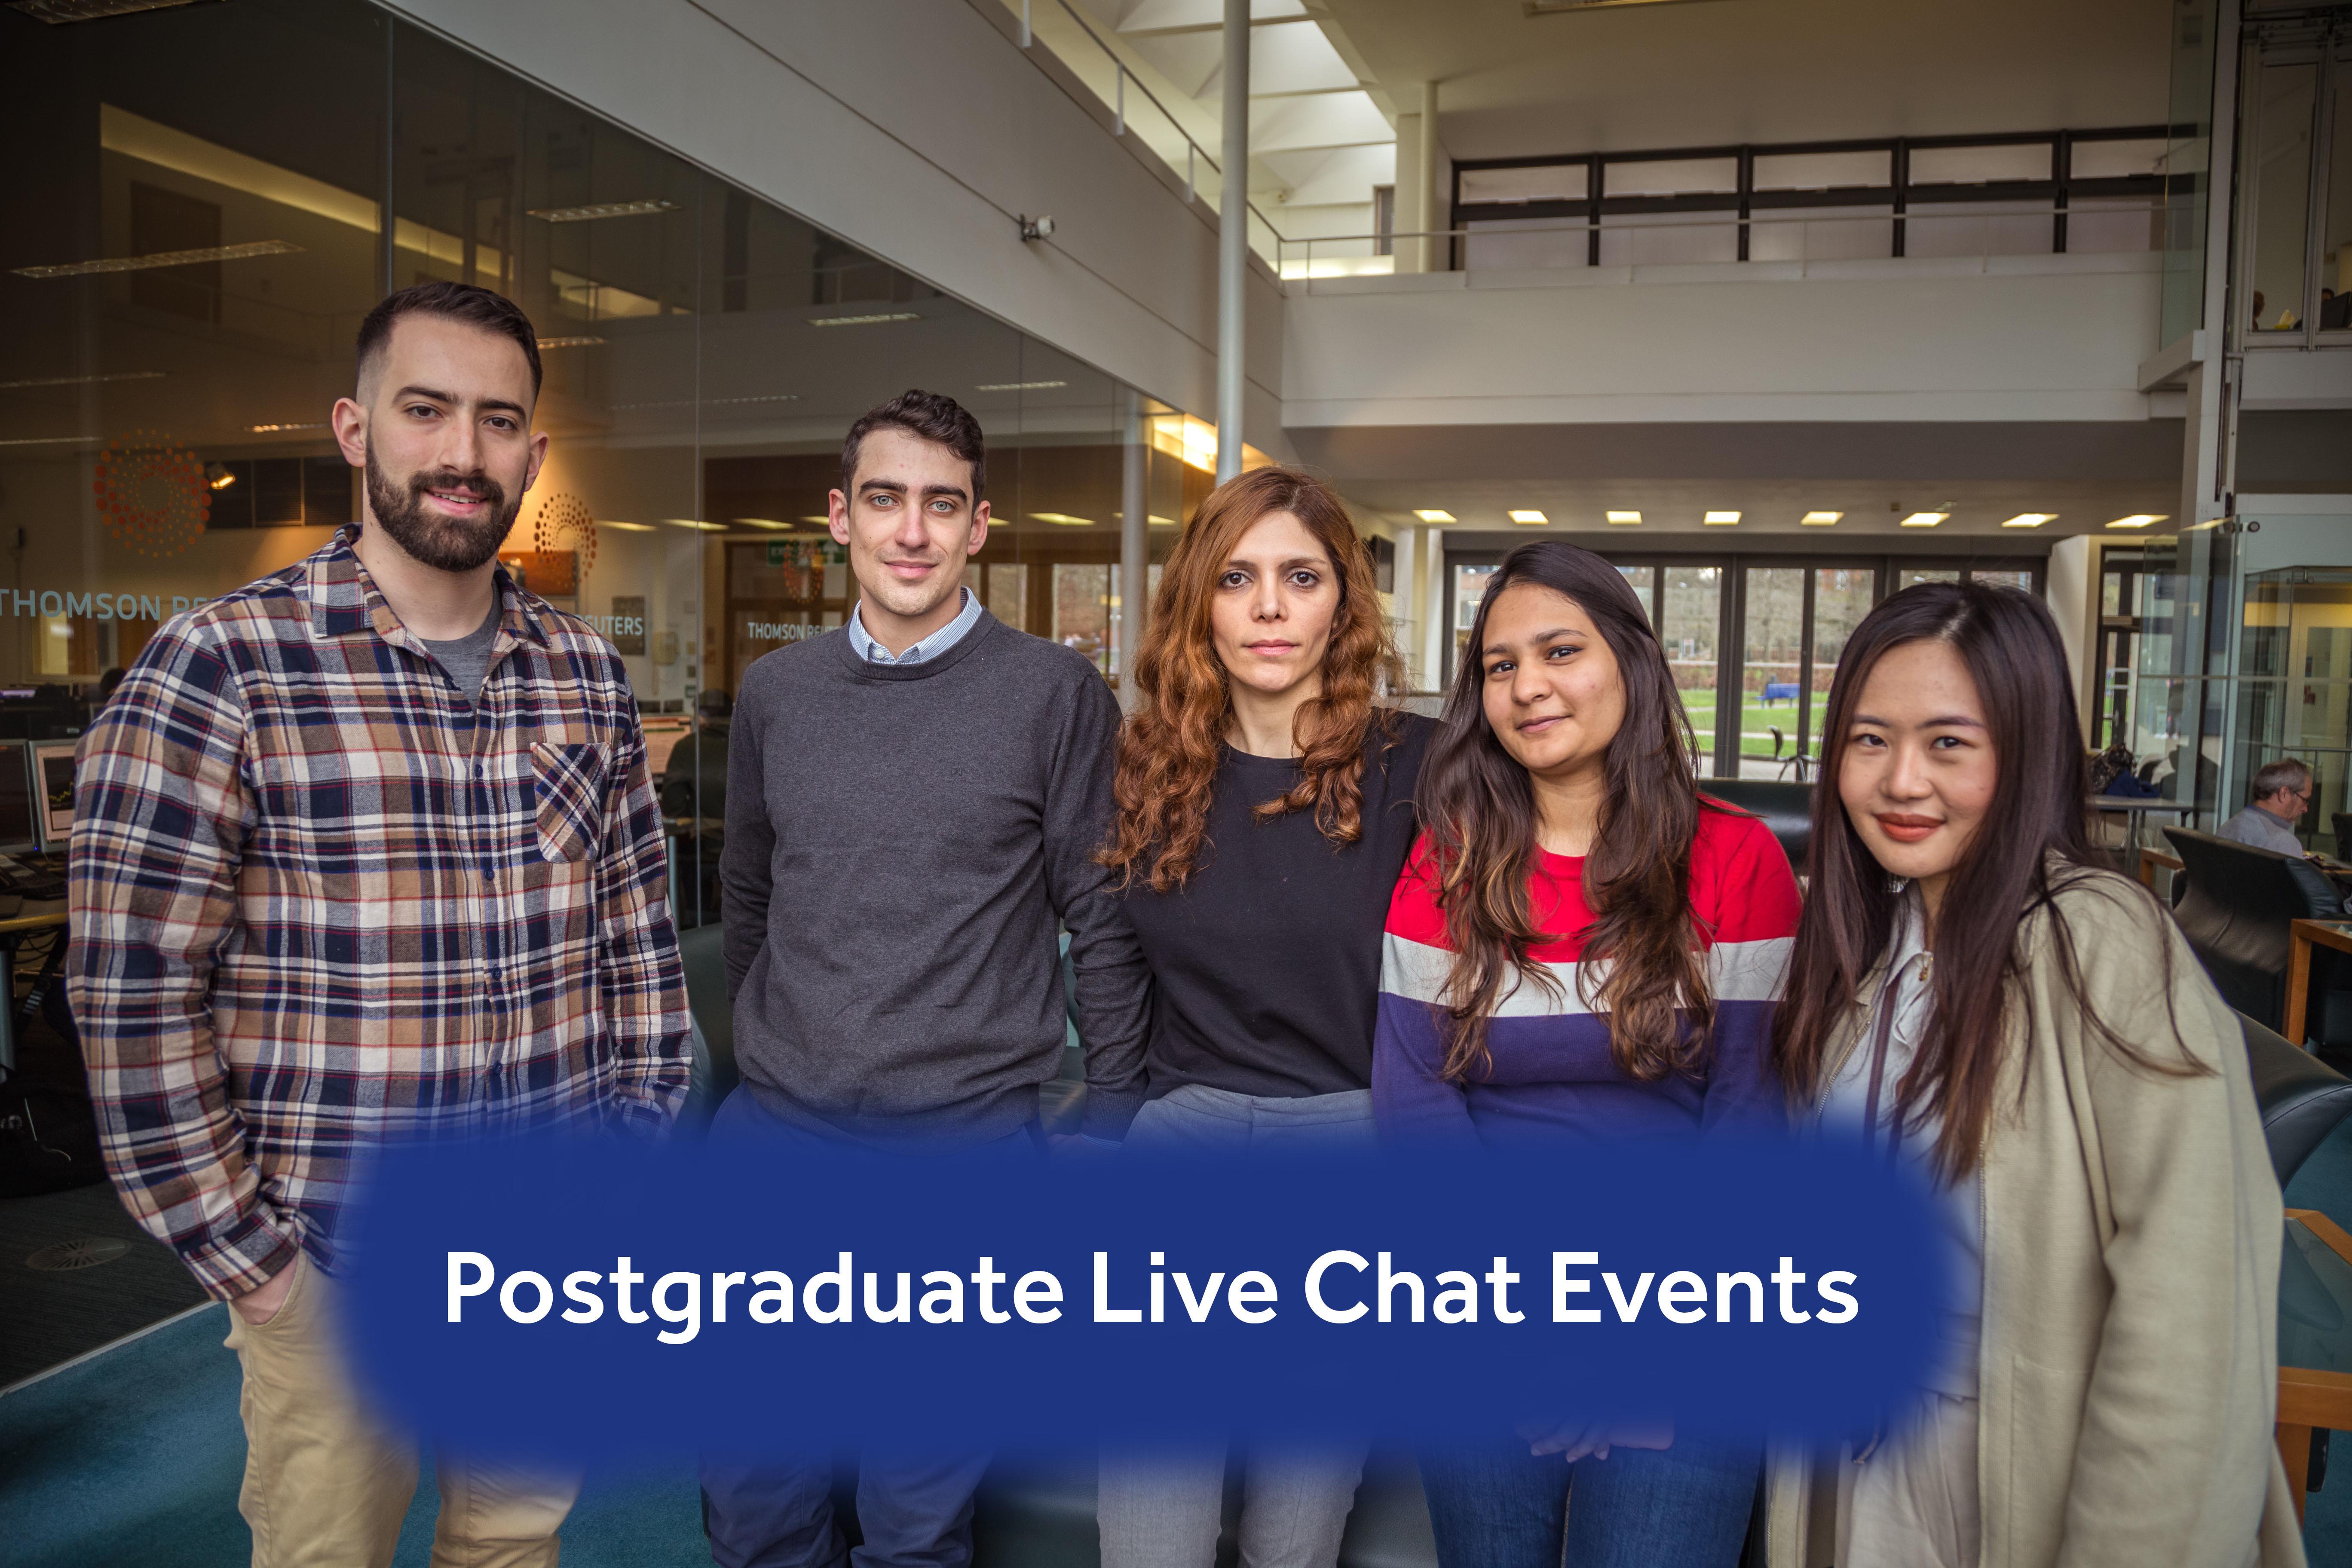 Postgraduate Live Chat